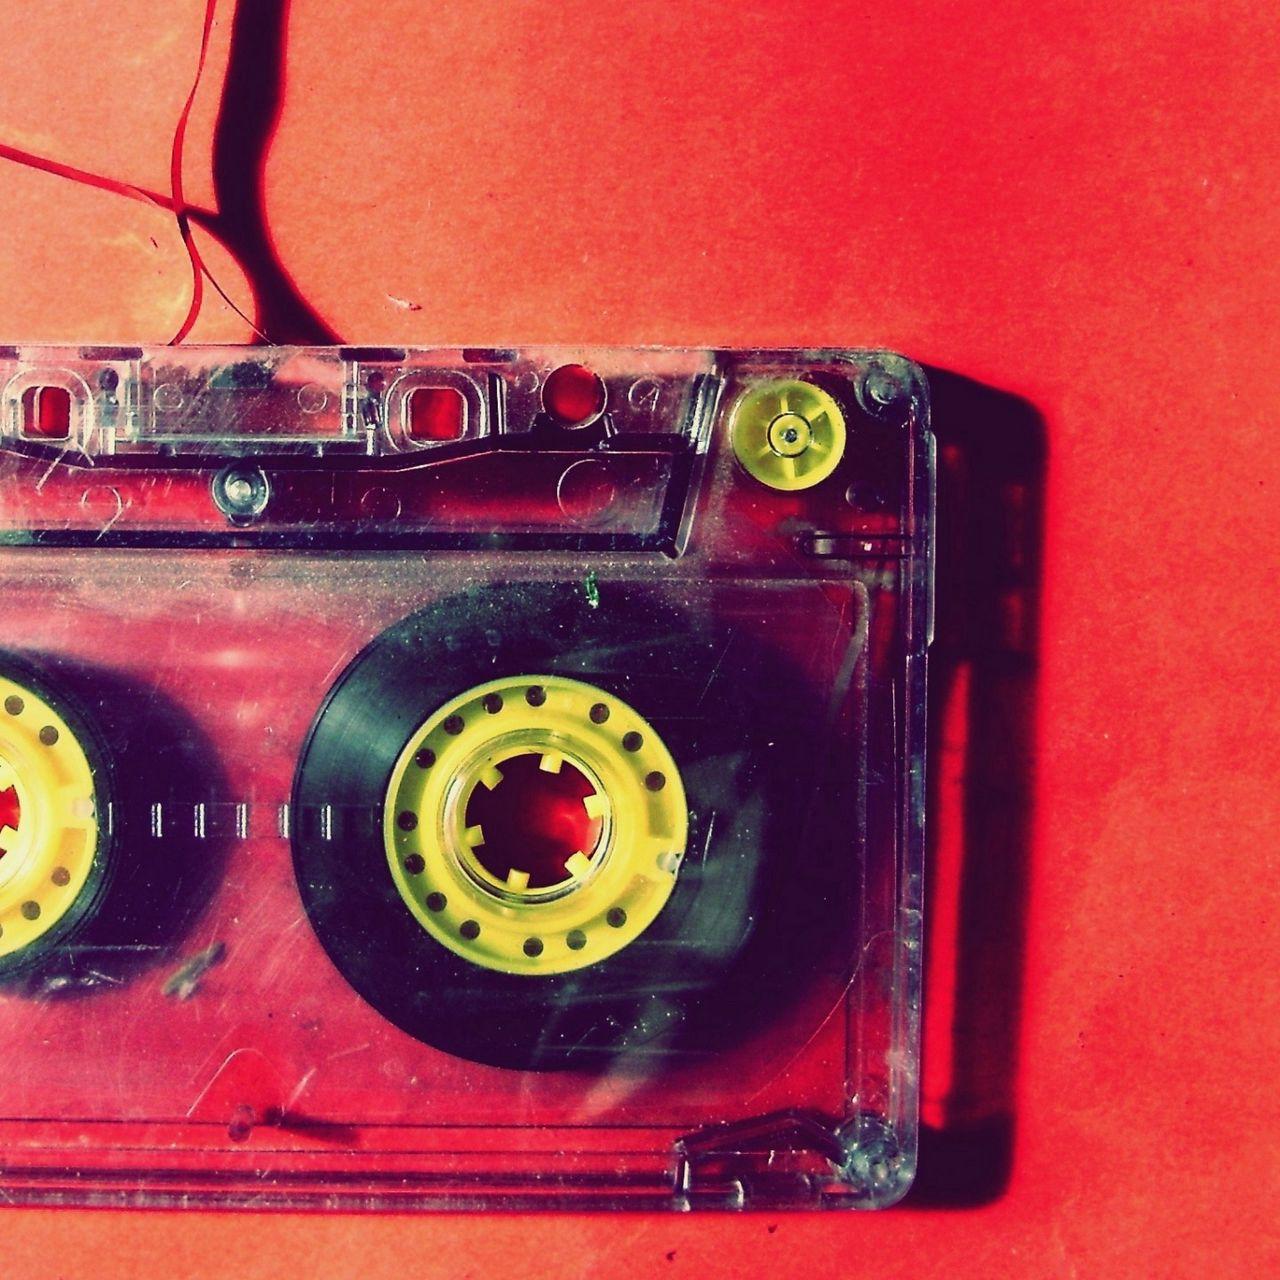 1280x1280 Обои кассета, музыка, старинный, пленка